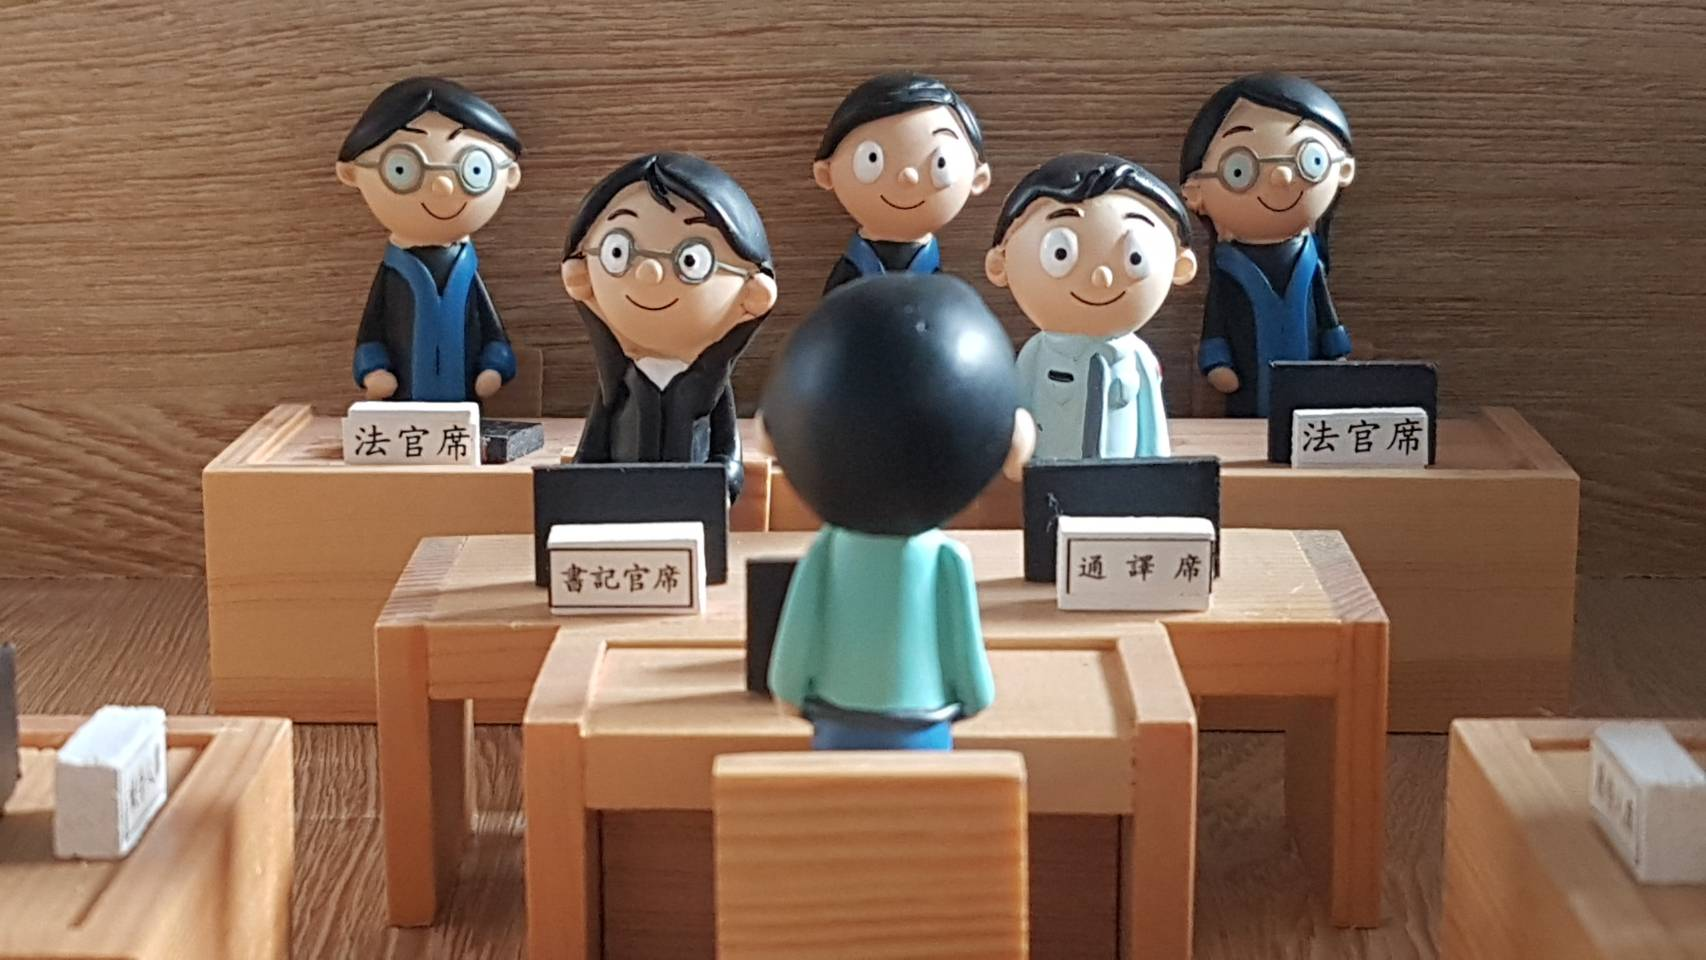 司法特考不刁難 四等考試更改部分測驗題型